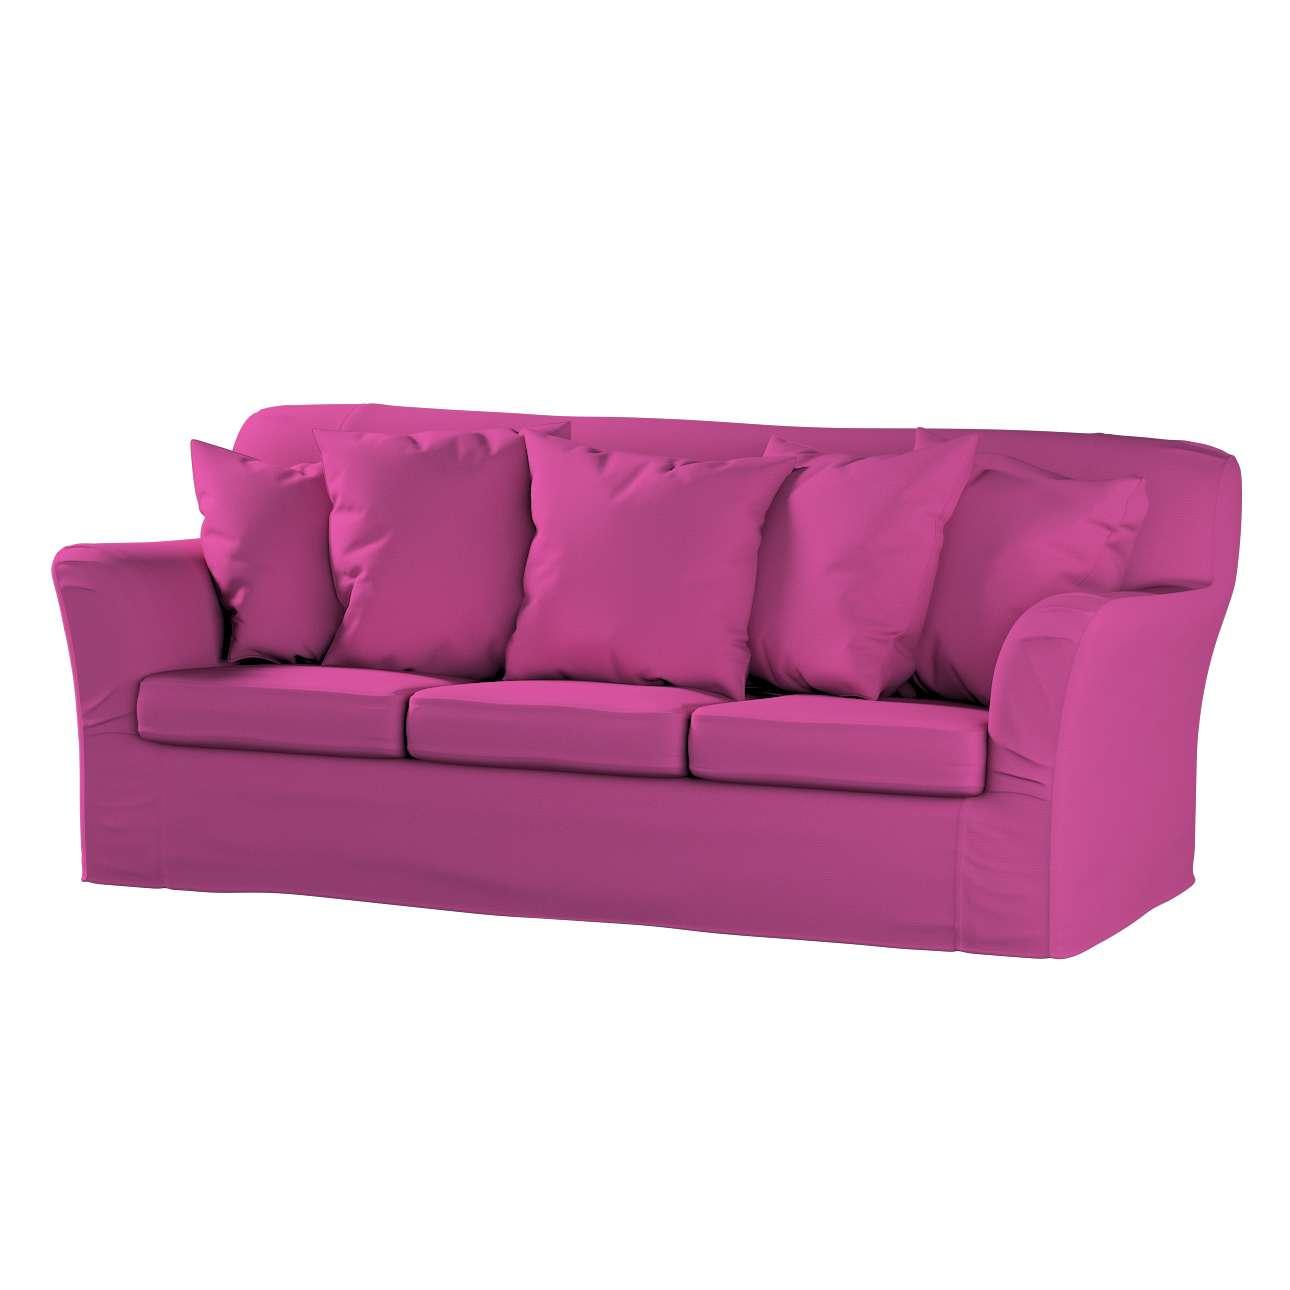 Pokrowiec na sofę Tomelilla 3-osobową nierozkładaną Sofa Tomelilla 3-osobowa w kolekcji Etna , tkanina: 705-23